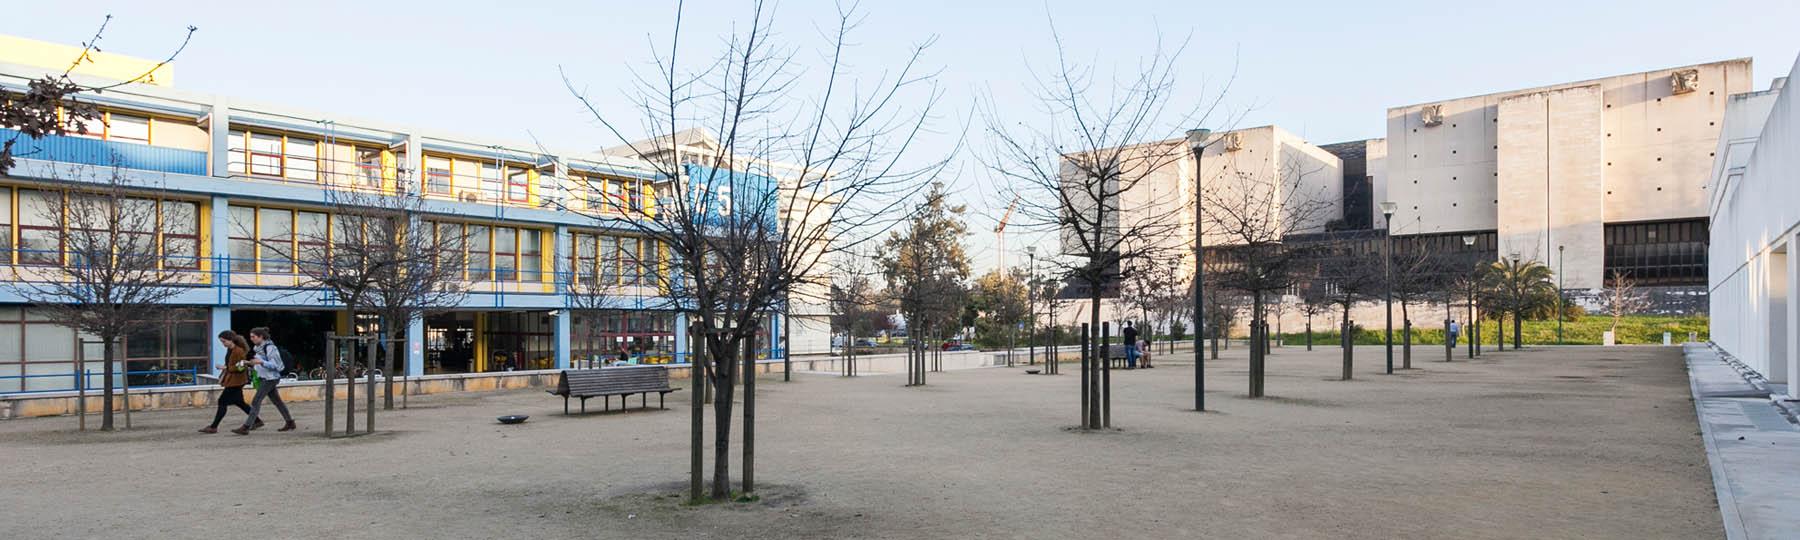 Faculdade de Ciências da Universidade de Lisboa2